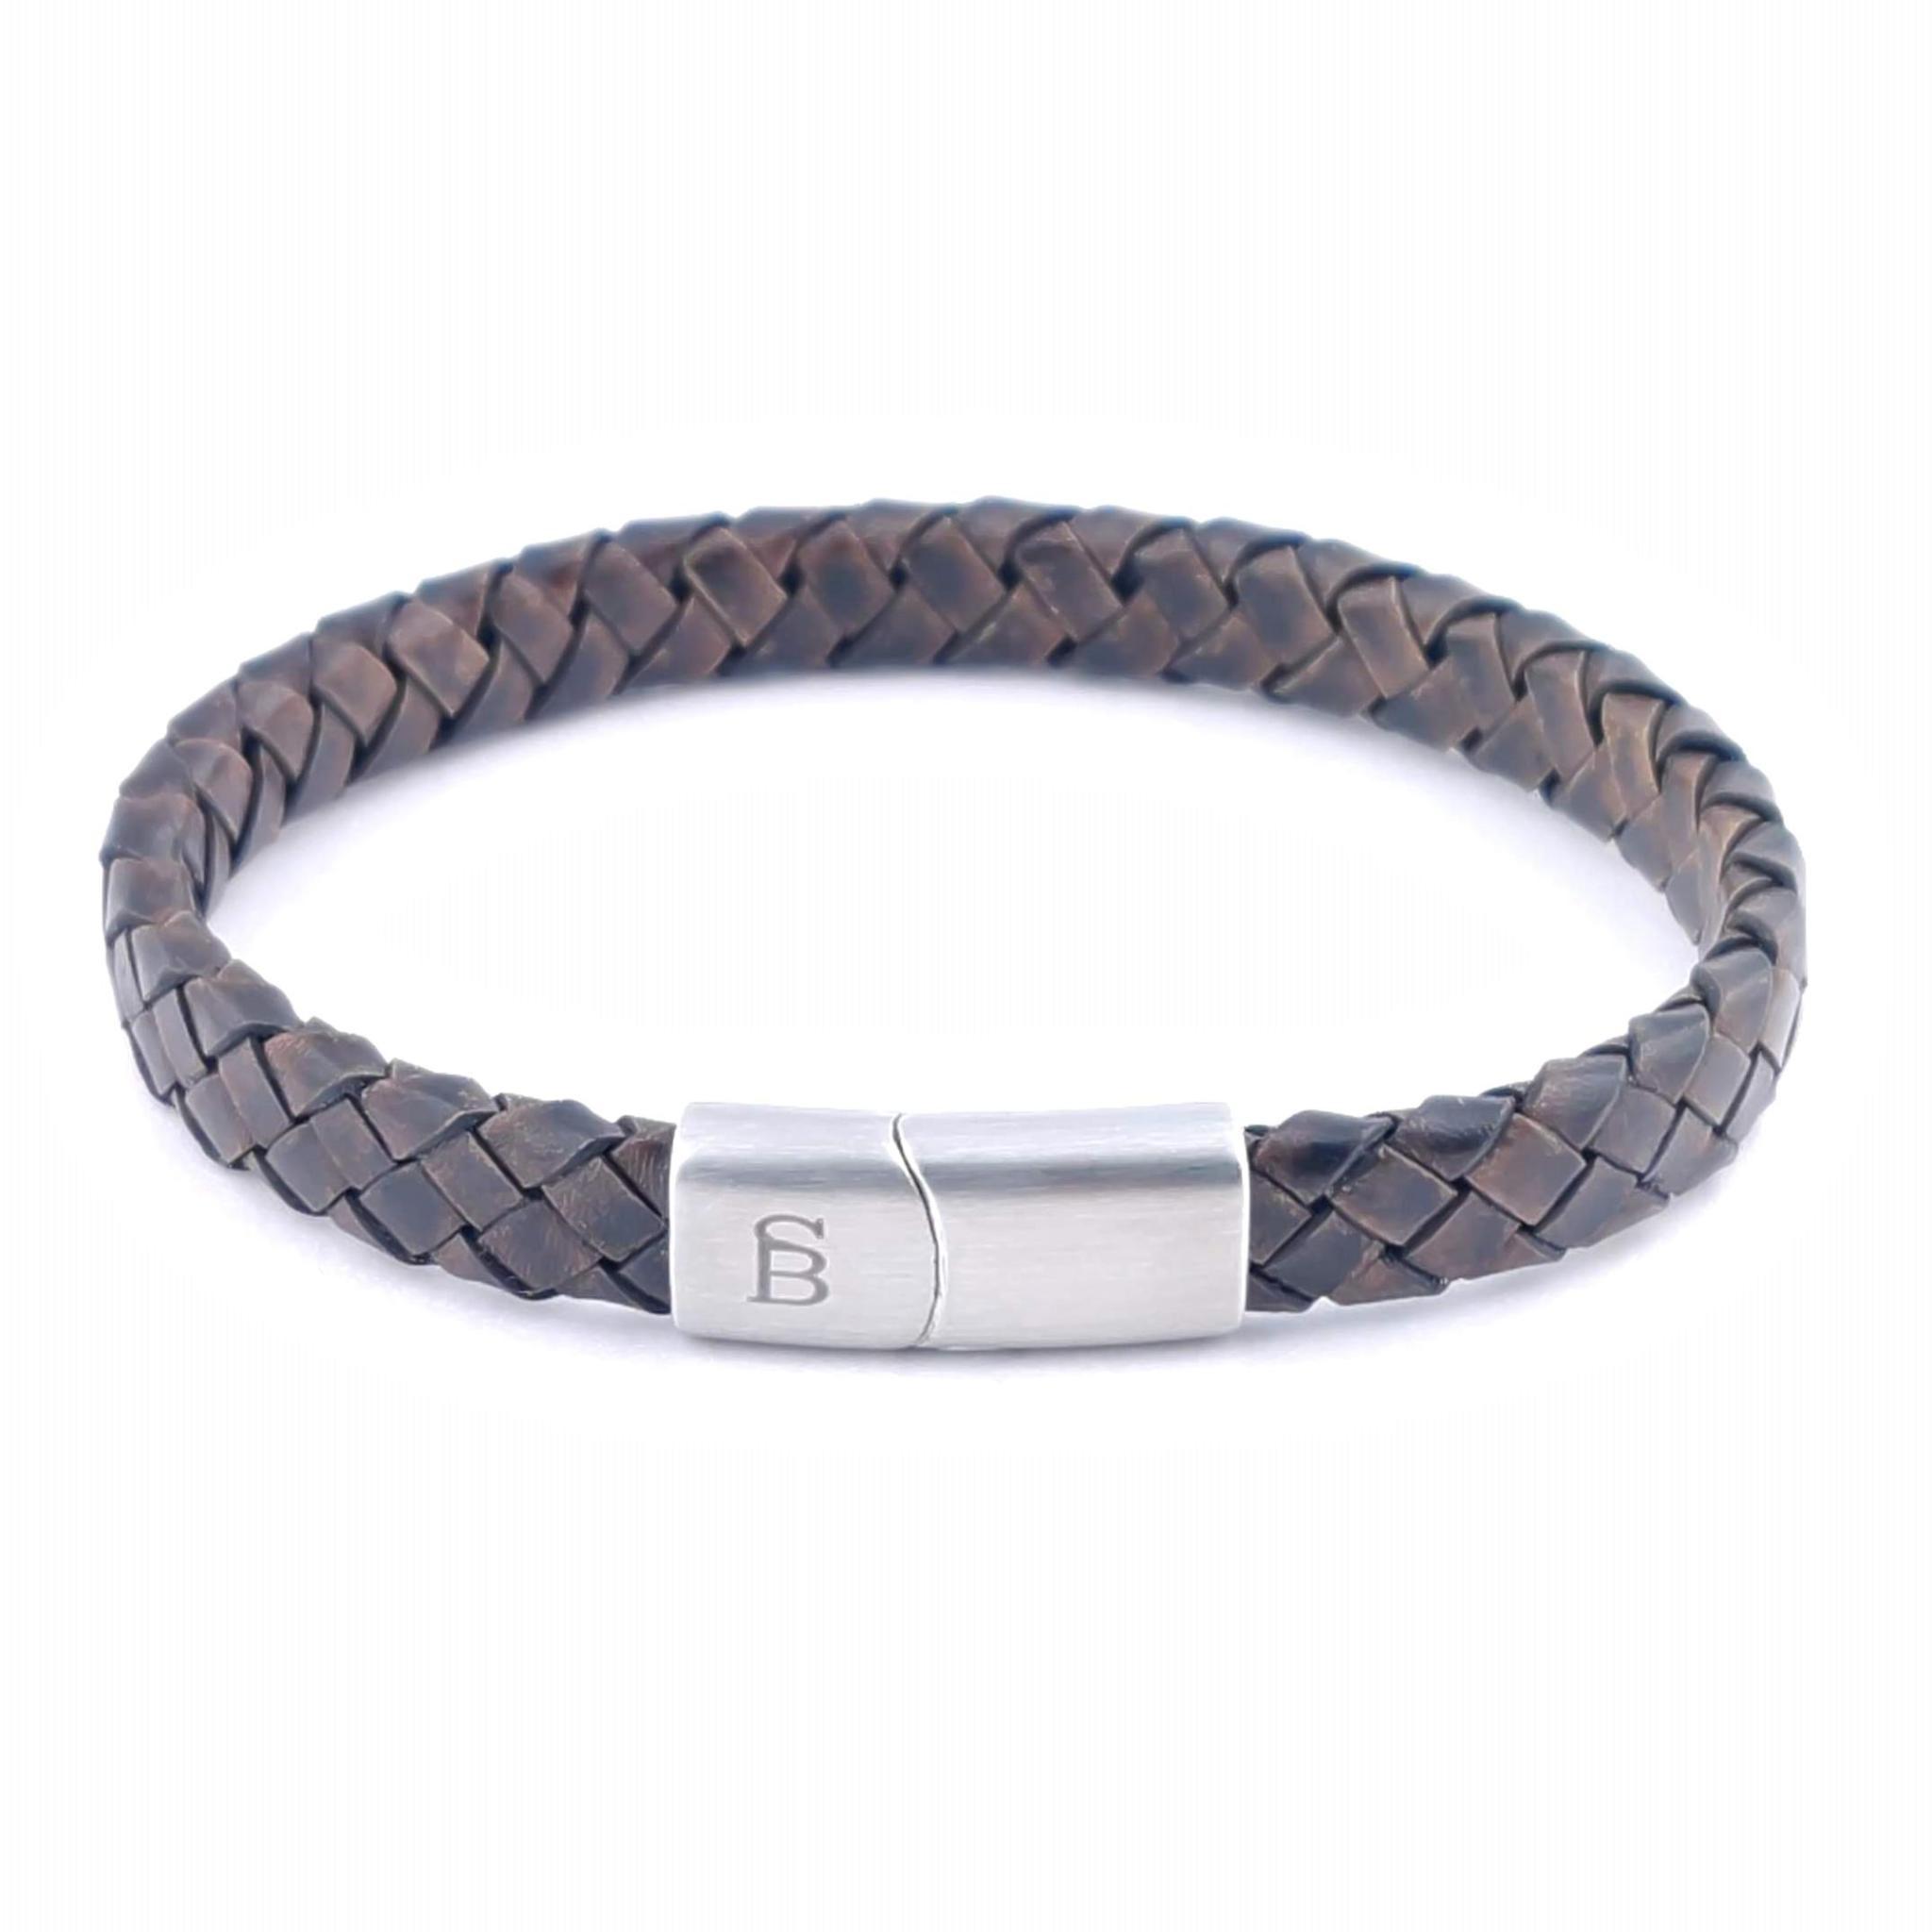 Steel & Barnett Leather bracelet Riley - Vintage Brown - Size L